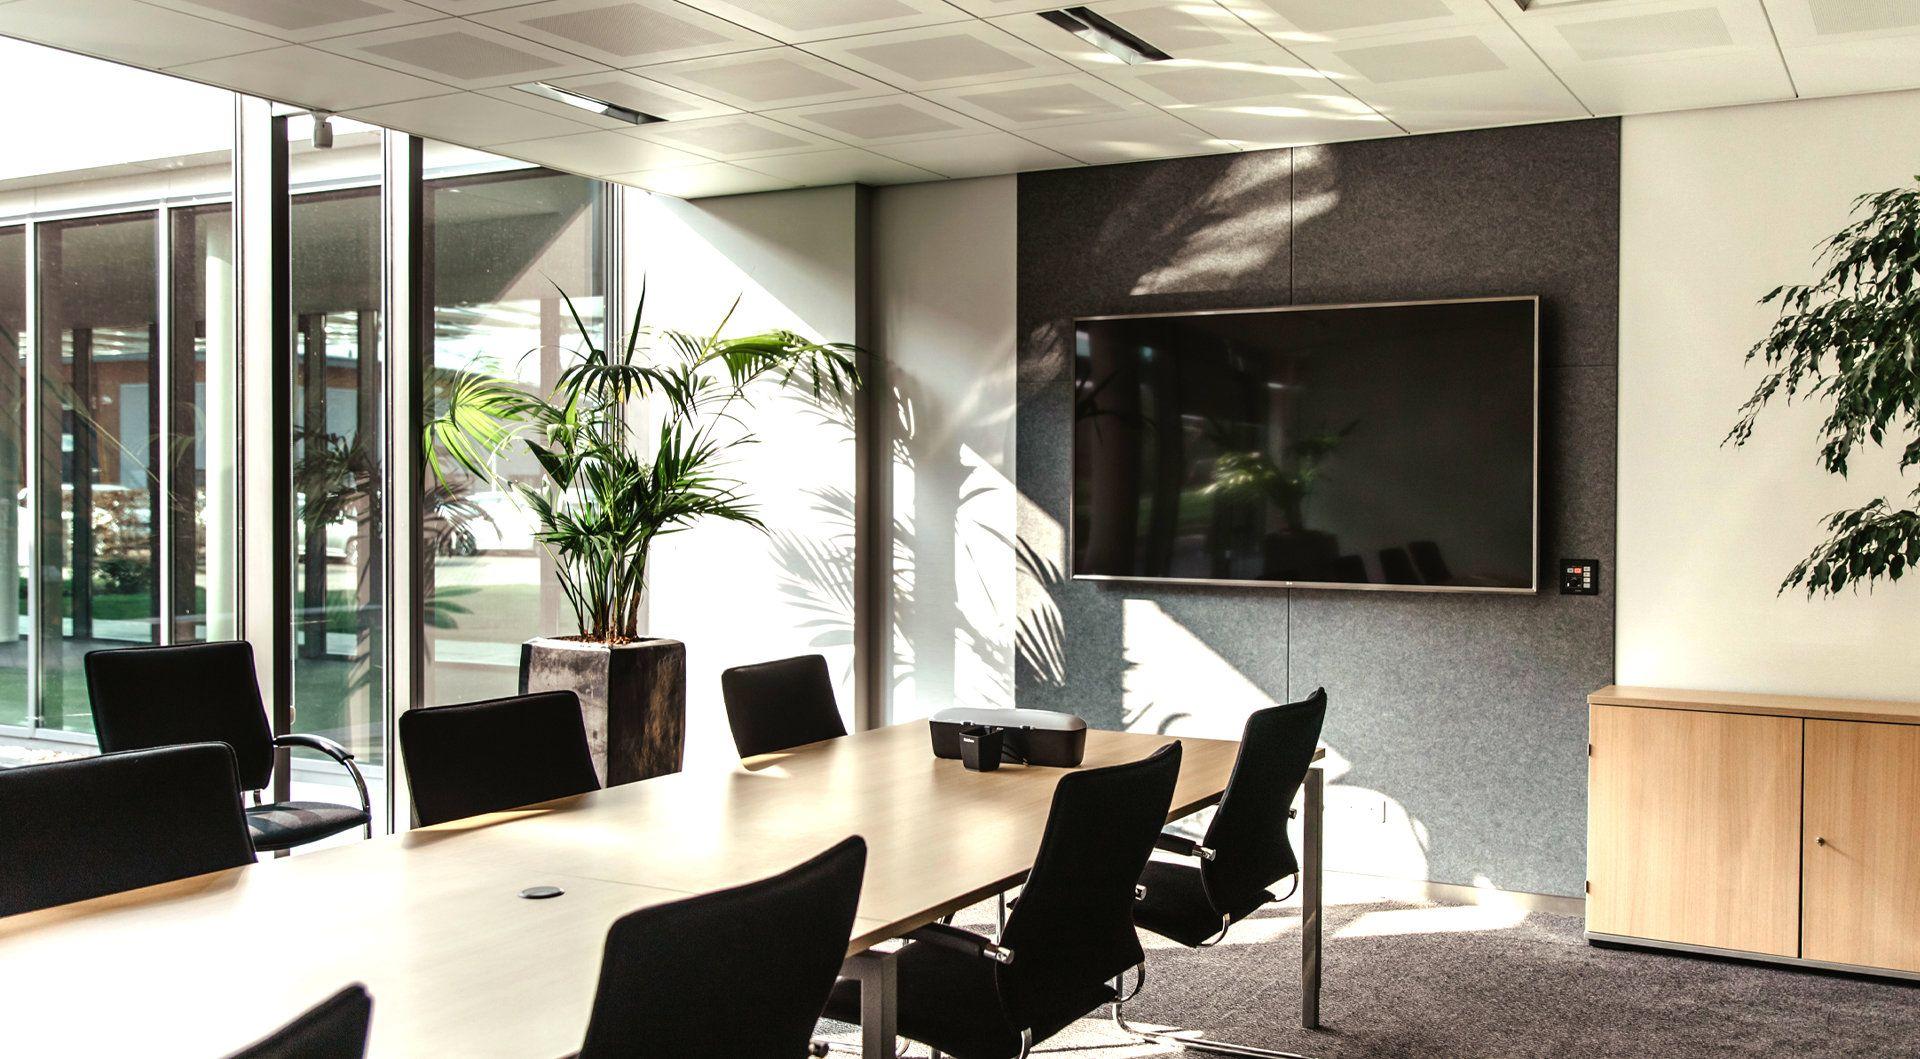 """Projecta ProCinema 153x200 Matte White S projectiescherm 2,54 m (100"""") 4:3 - Case studie de vries"""